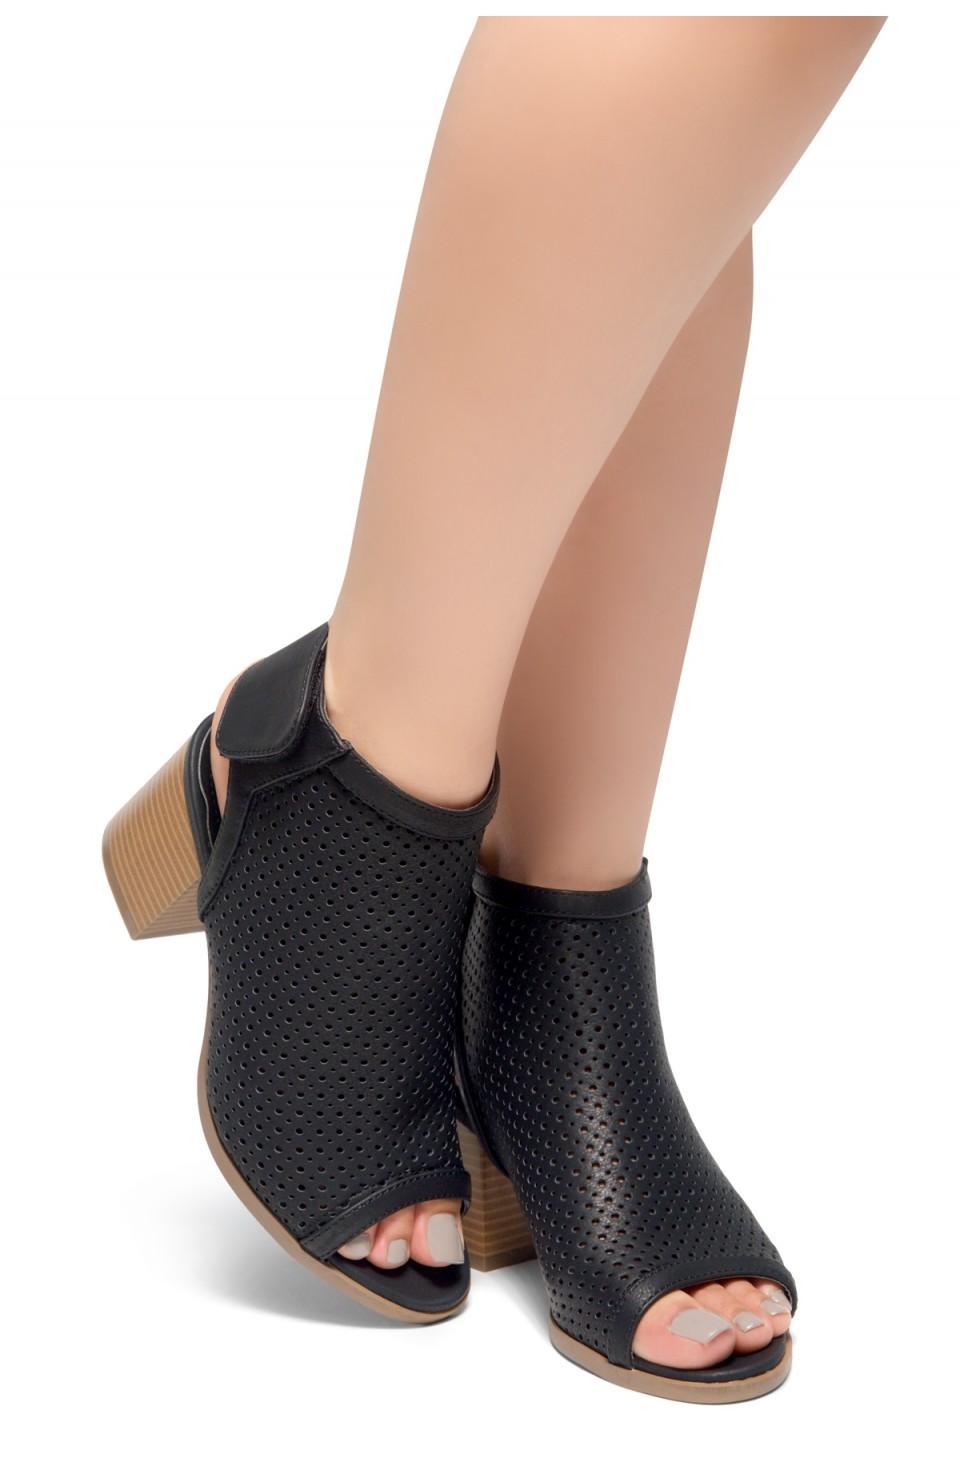 HerStyle Maddie-Block heel, Sex Peep Toe Open Back Booties (Black)